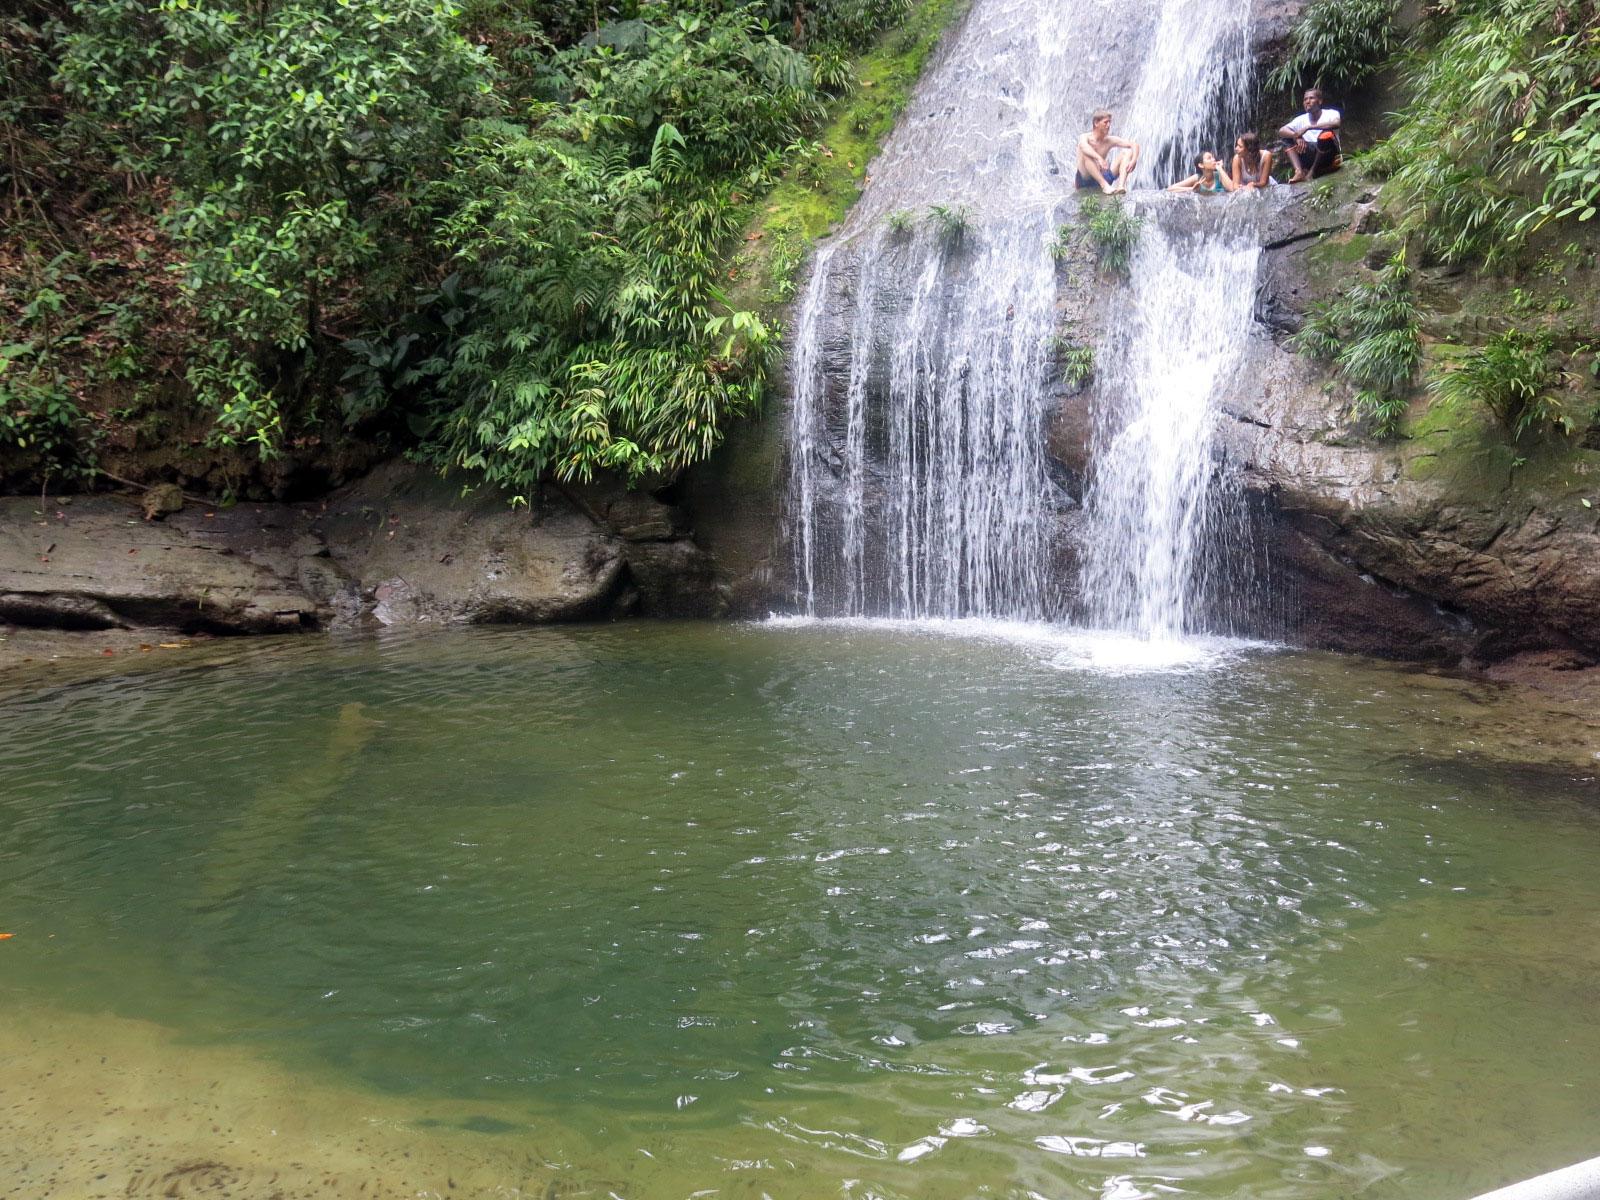 Fotografía de turistas en la cascada ostional y la piscina natural